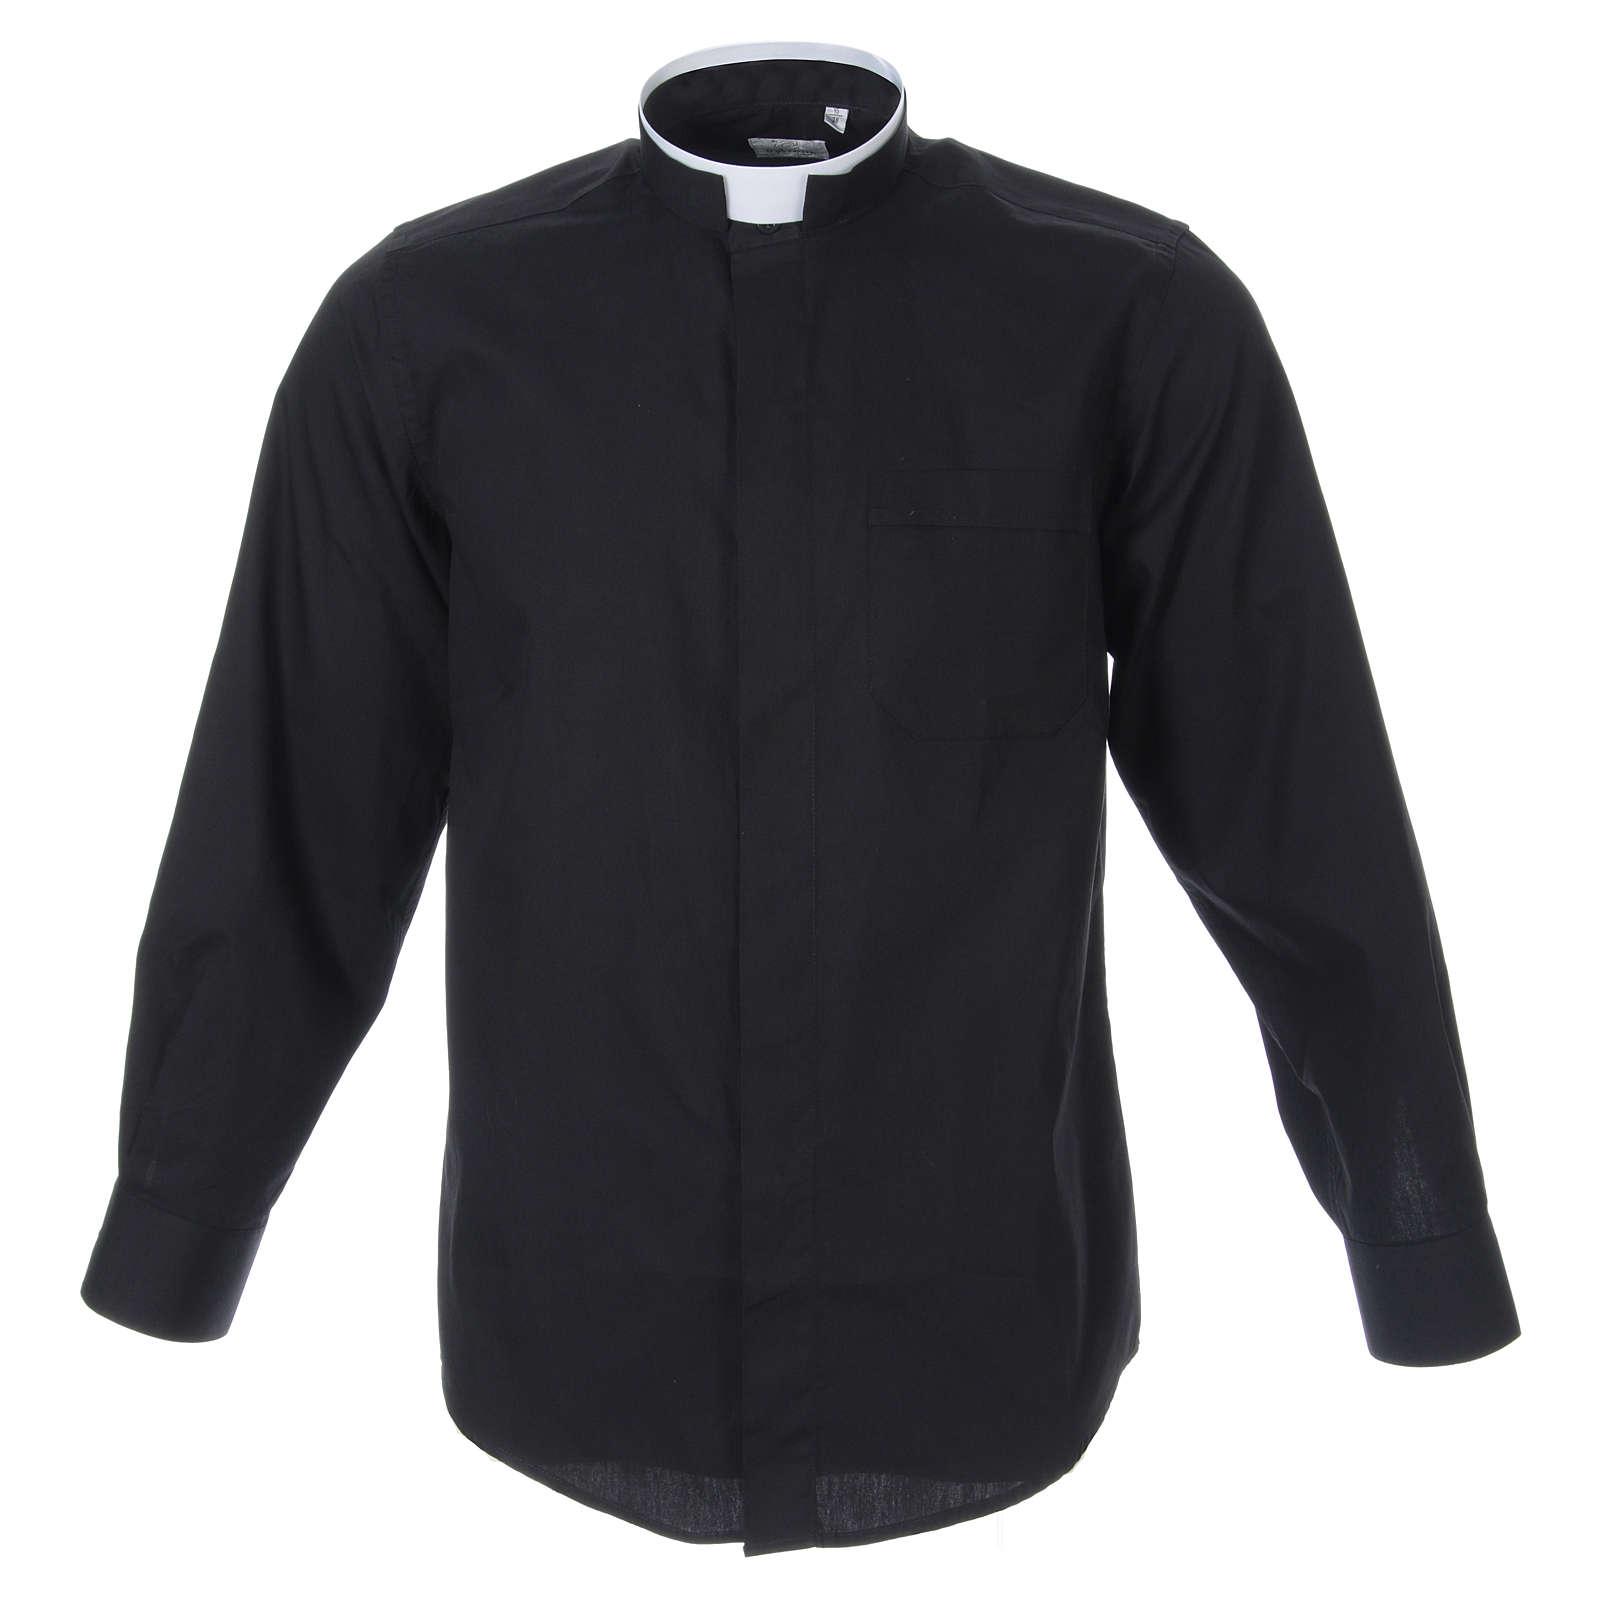 Chemise mixte coton col romain manches longues noir 4